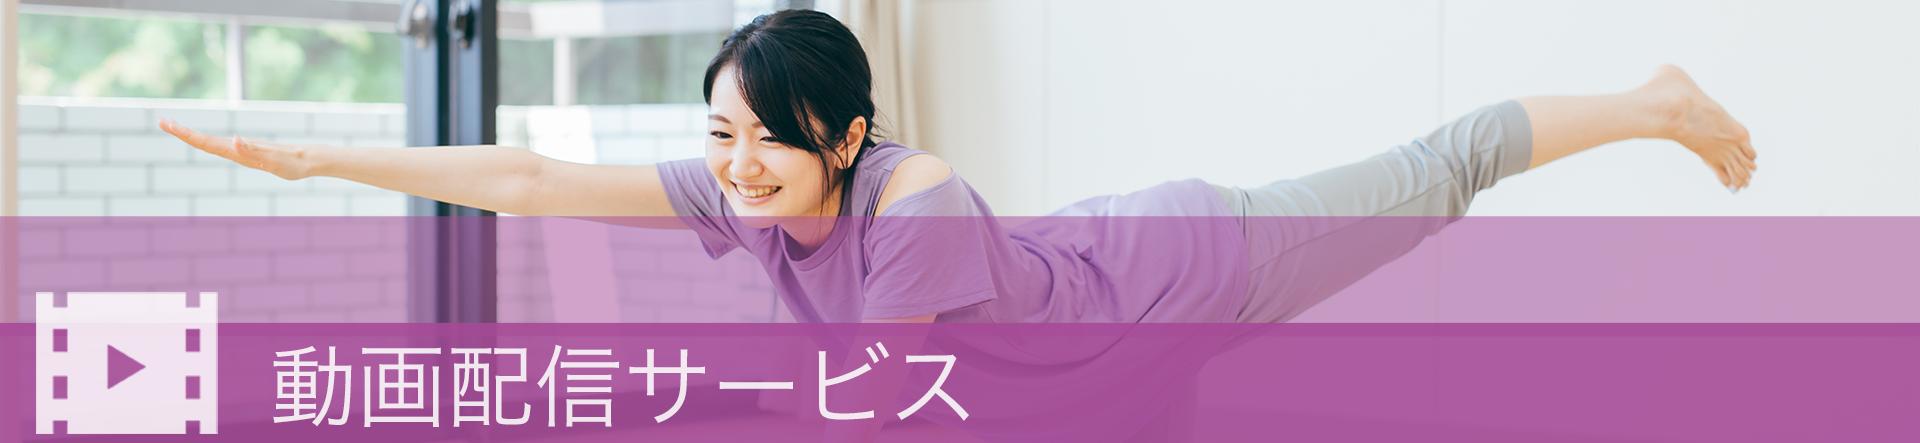 動画配信サービス:ジュニアダンス基礎 9月